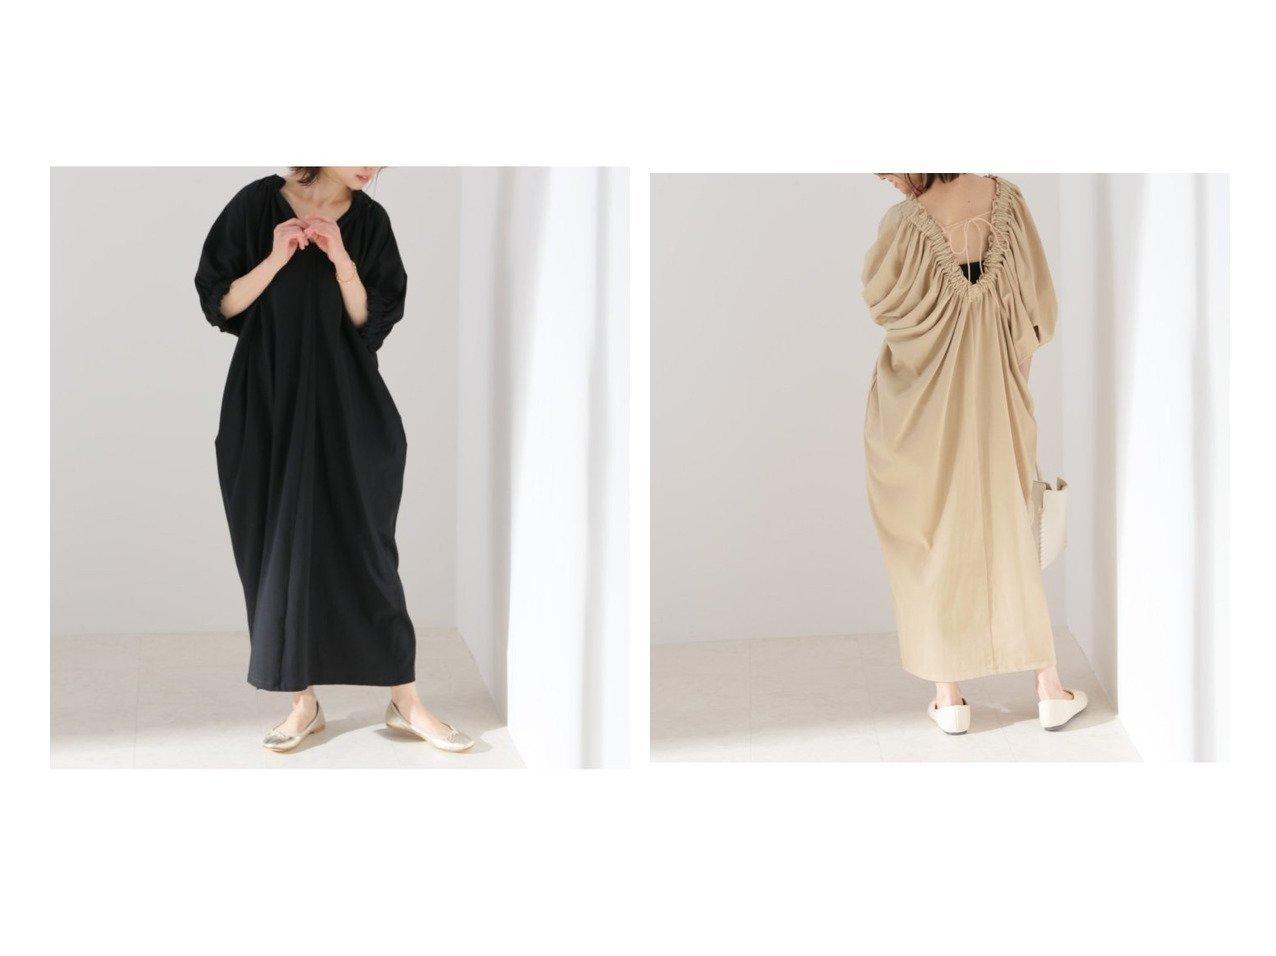 【SLOBE IENA/スローブ イエナ】の【ウード】 ギャザードレスワンピース 【ワンピース・ドレス】おすすめ!人気、トレンド・レディースファッションの通販 おすすめで人気の流行・トレンド、ファッションの通販商品 メンズファッション・キッズファッション・インテリア・家具・レディースファッション・服の通販 founy(ファニー) https://founy.com/ ファッション Fashion レディースファッション WOMEN ワンピース Dress ドレス Party Dresses 2021年 2021 2021春夏・S/S SS/Spring/Summer/2021 S/S・春夏 SS・Spring/Summer ギャザー コレクション |ID:crp329100000029856